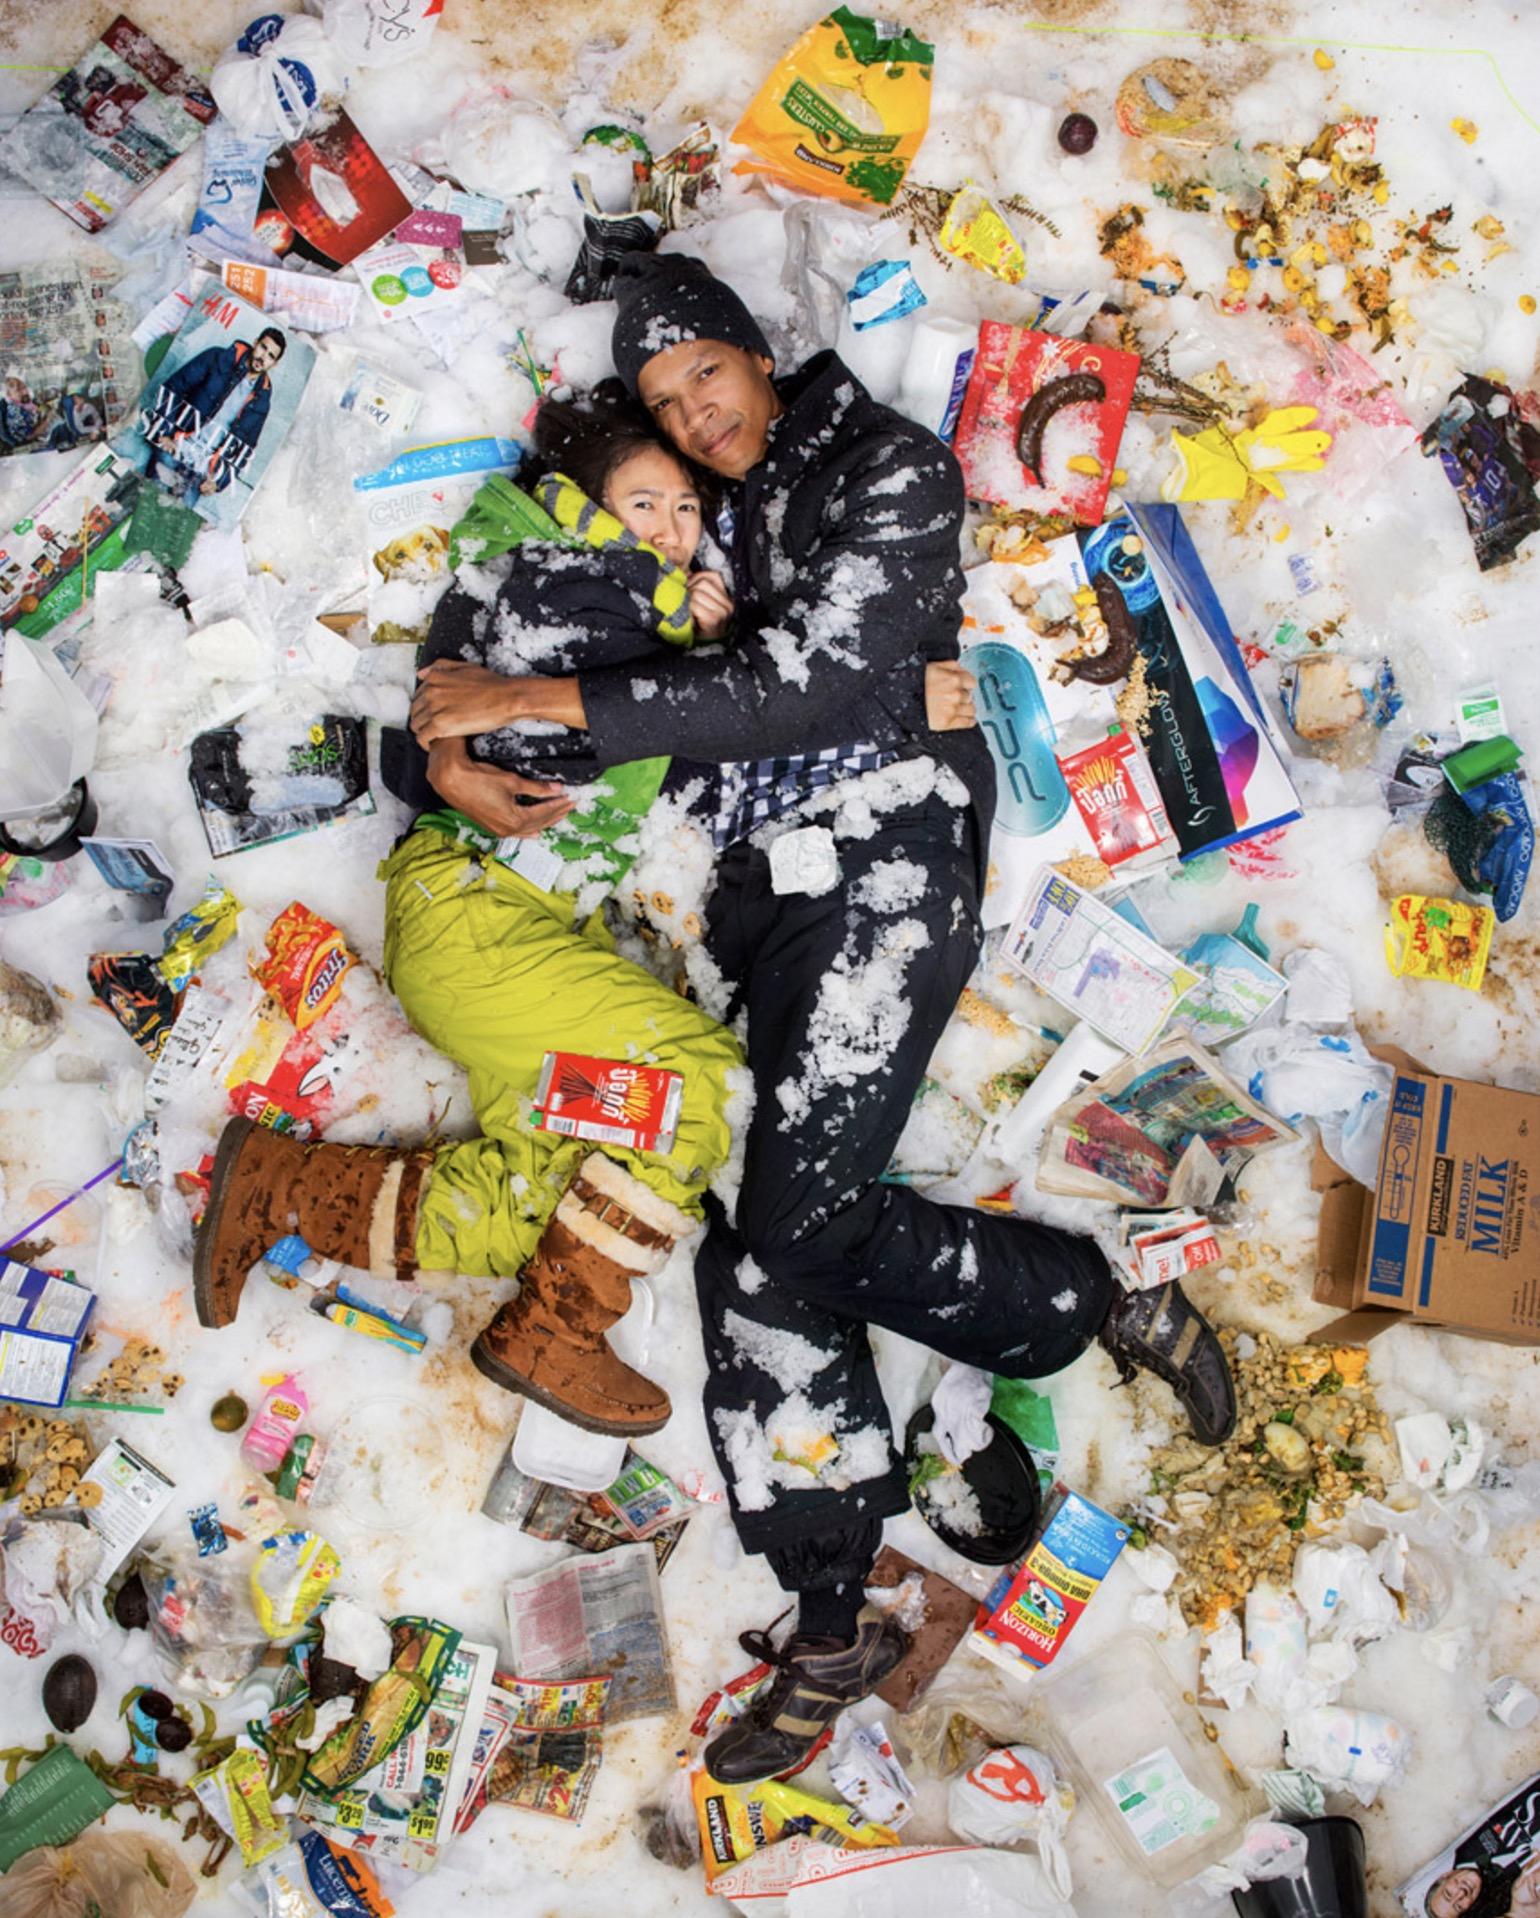 7 Days Of Garbage_Gregg Segal_organiconcrete_11